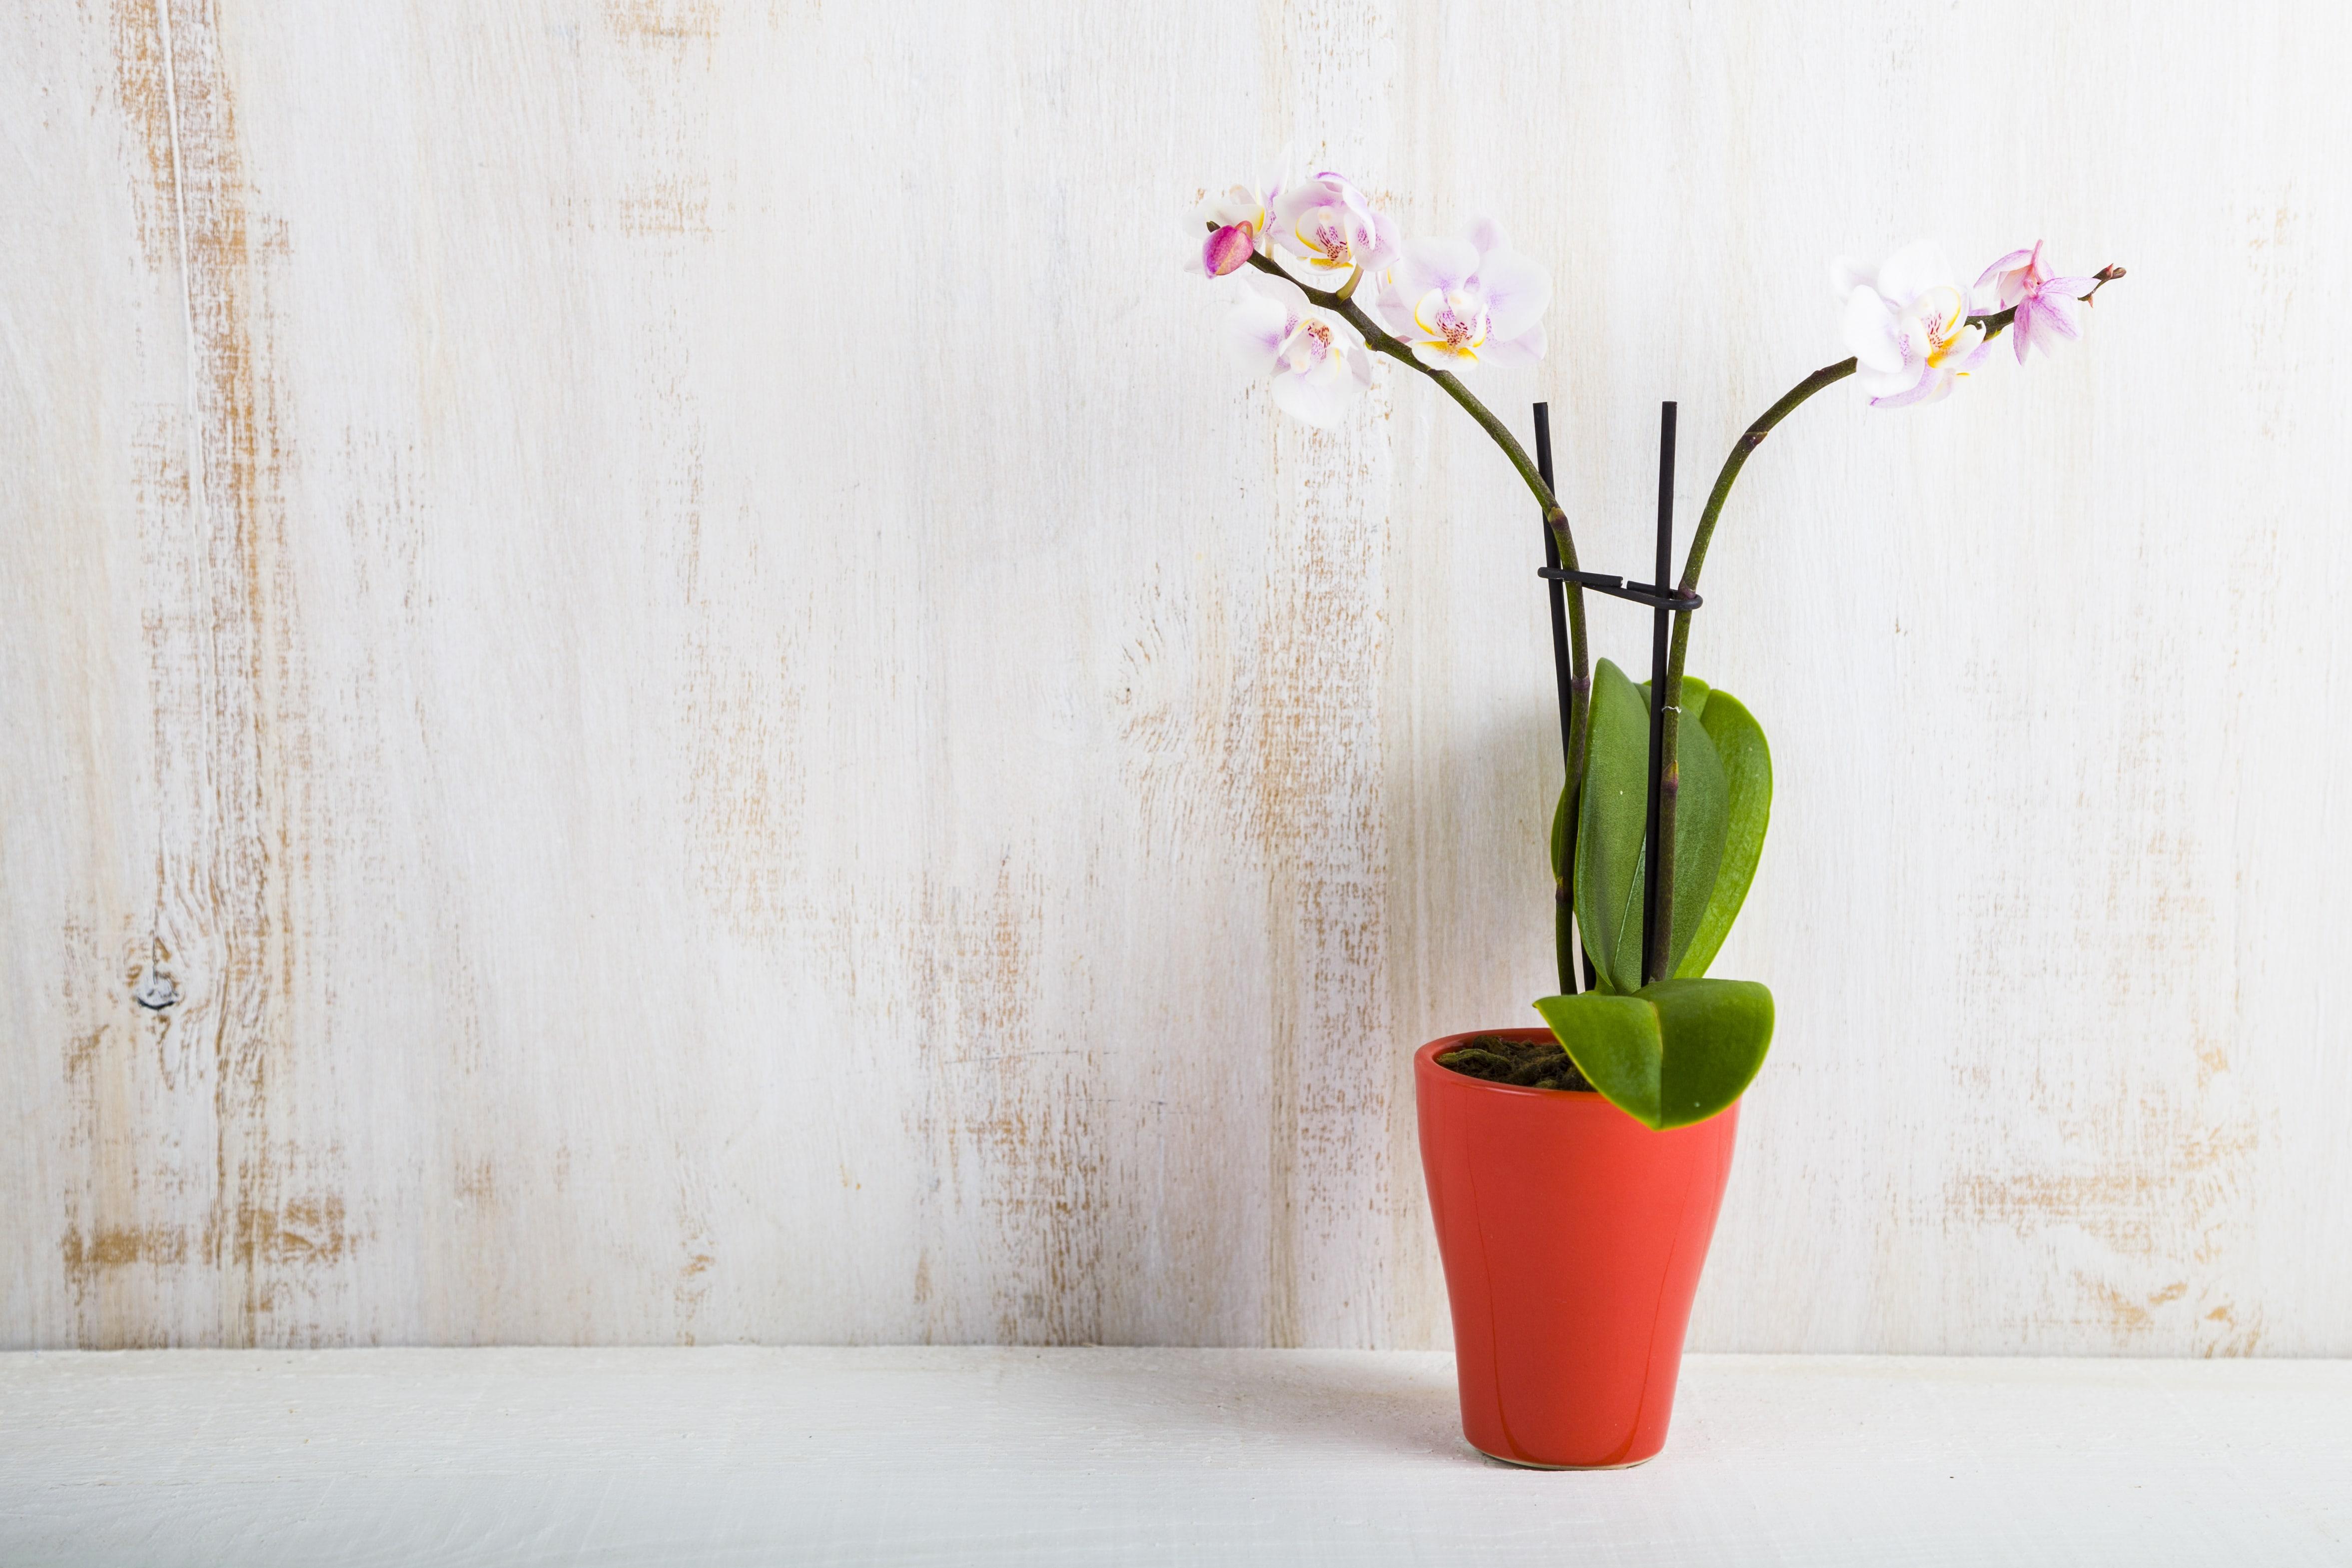 可愛い胡蝶蘭